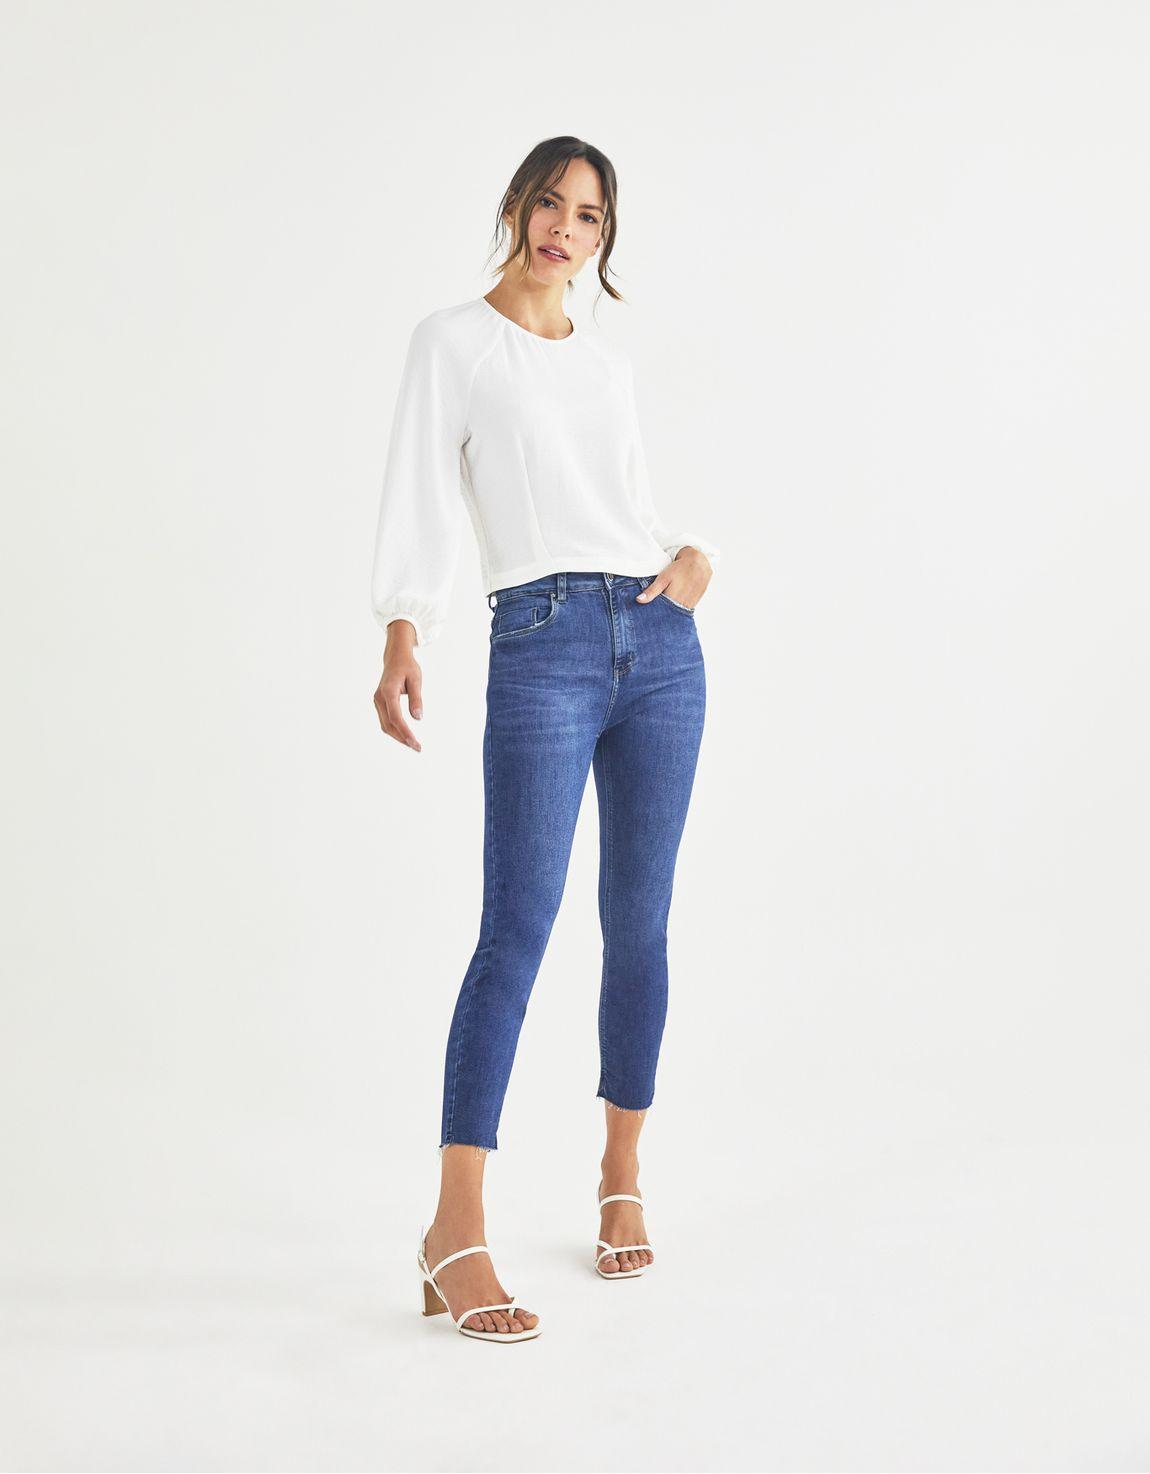 Calça skinny jeans média básica